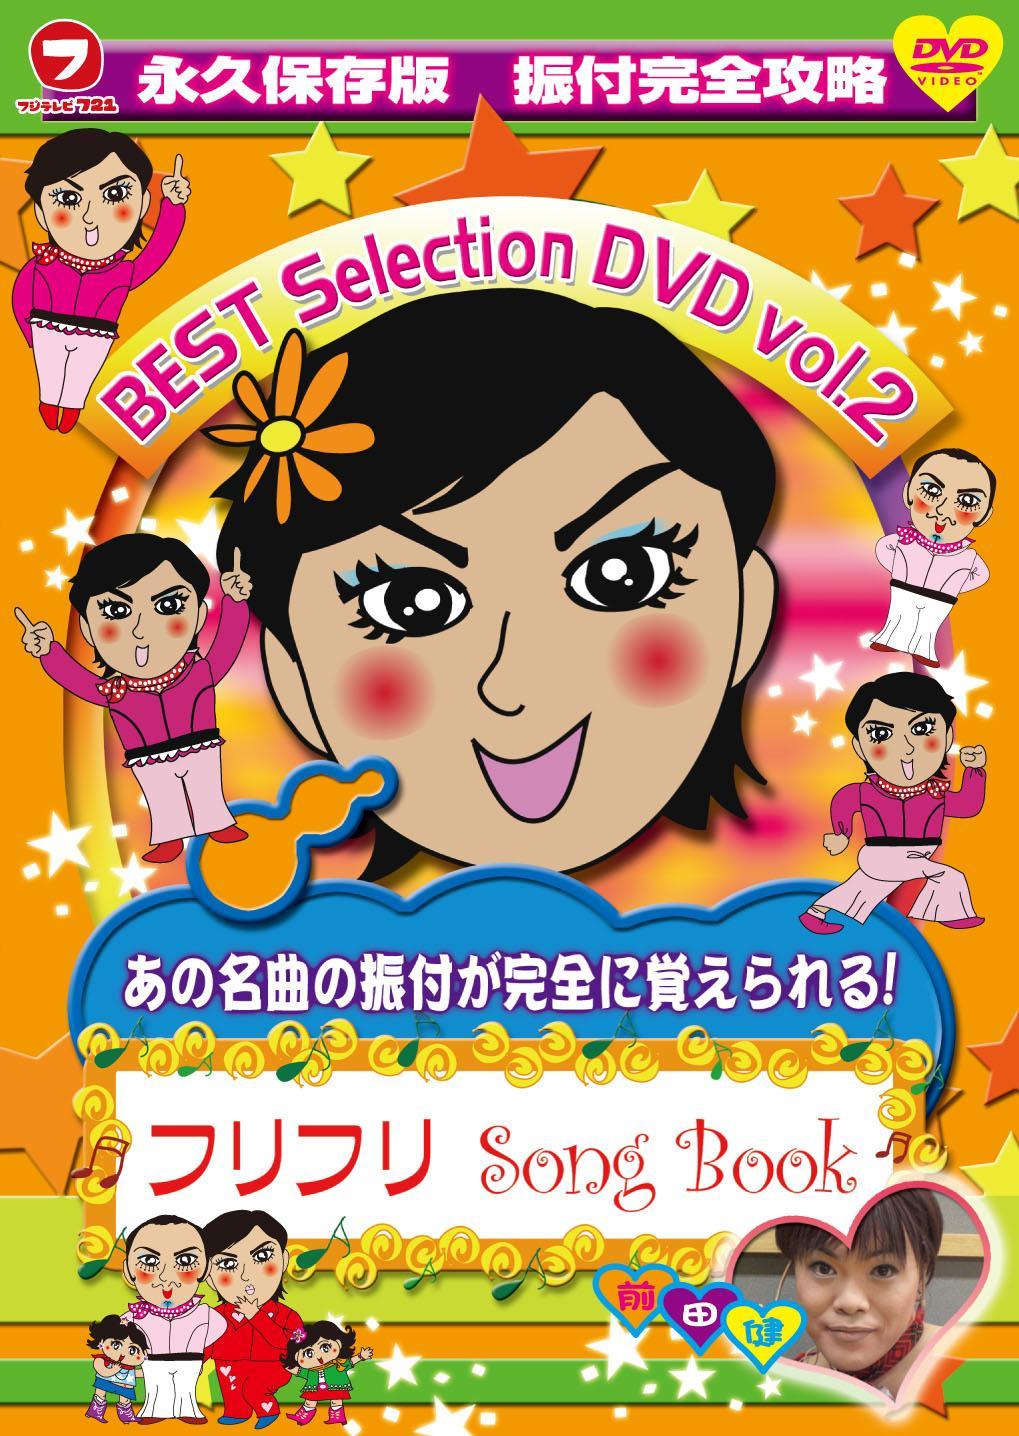 フリフリSong Book BEST SELECTION のサムネイル画像